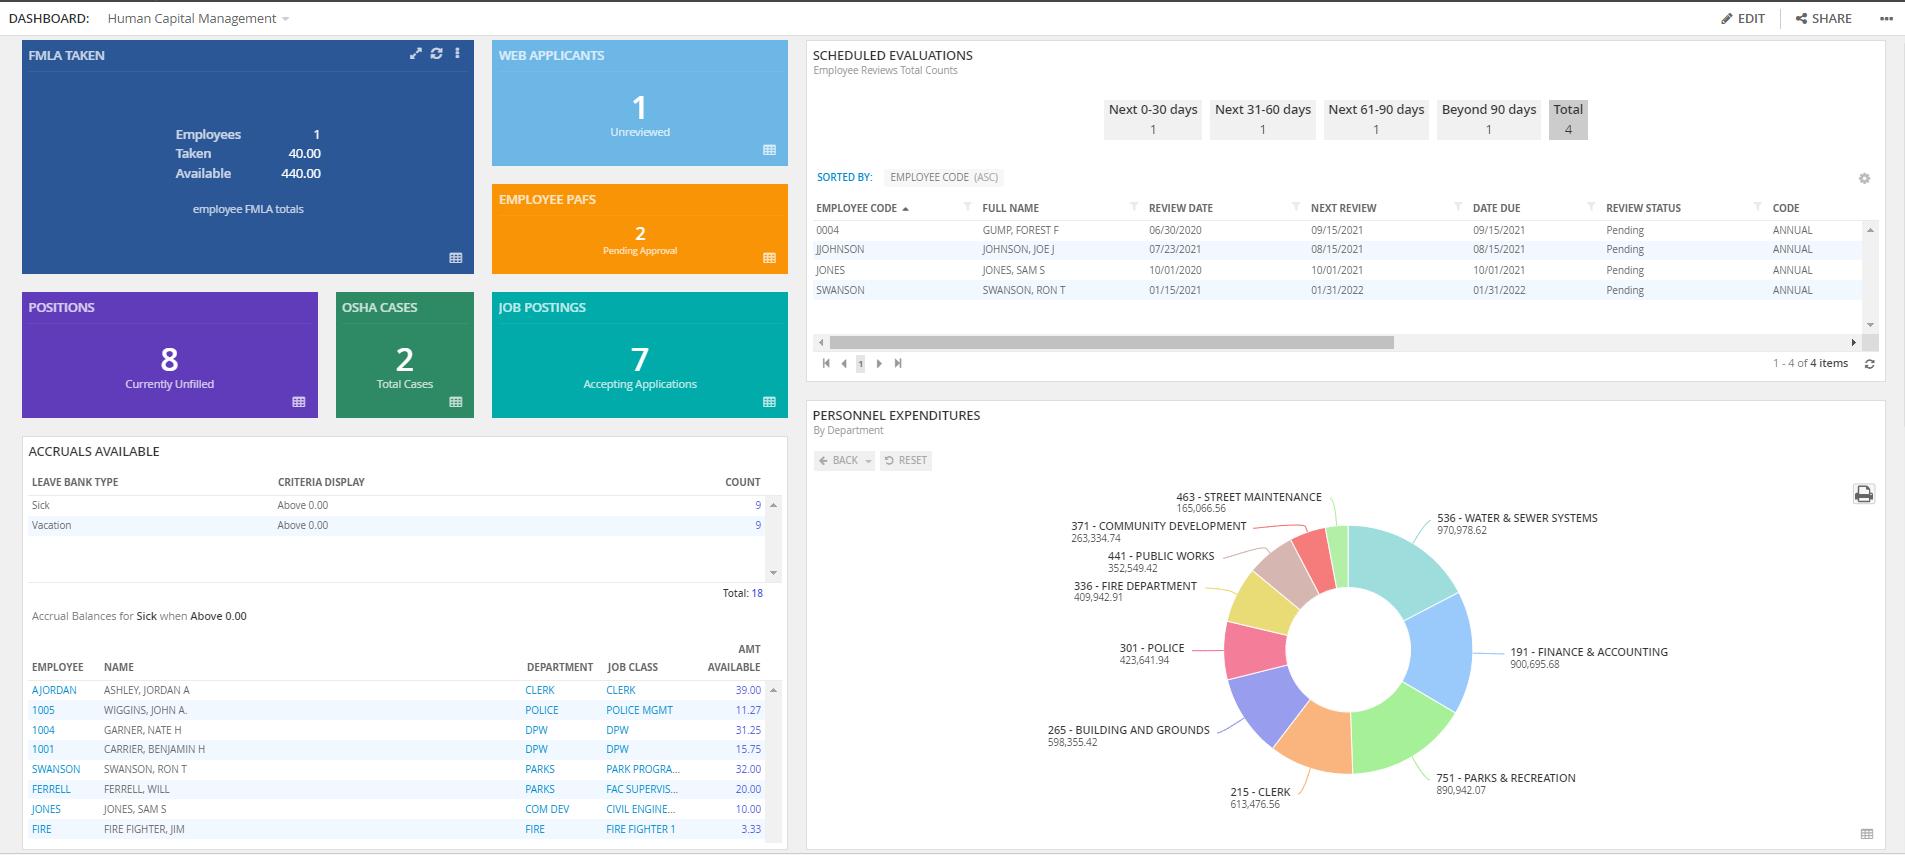 HCM Dashboard screenshot